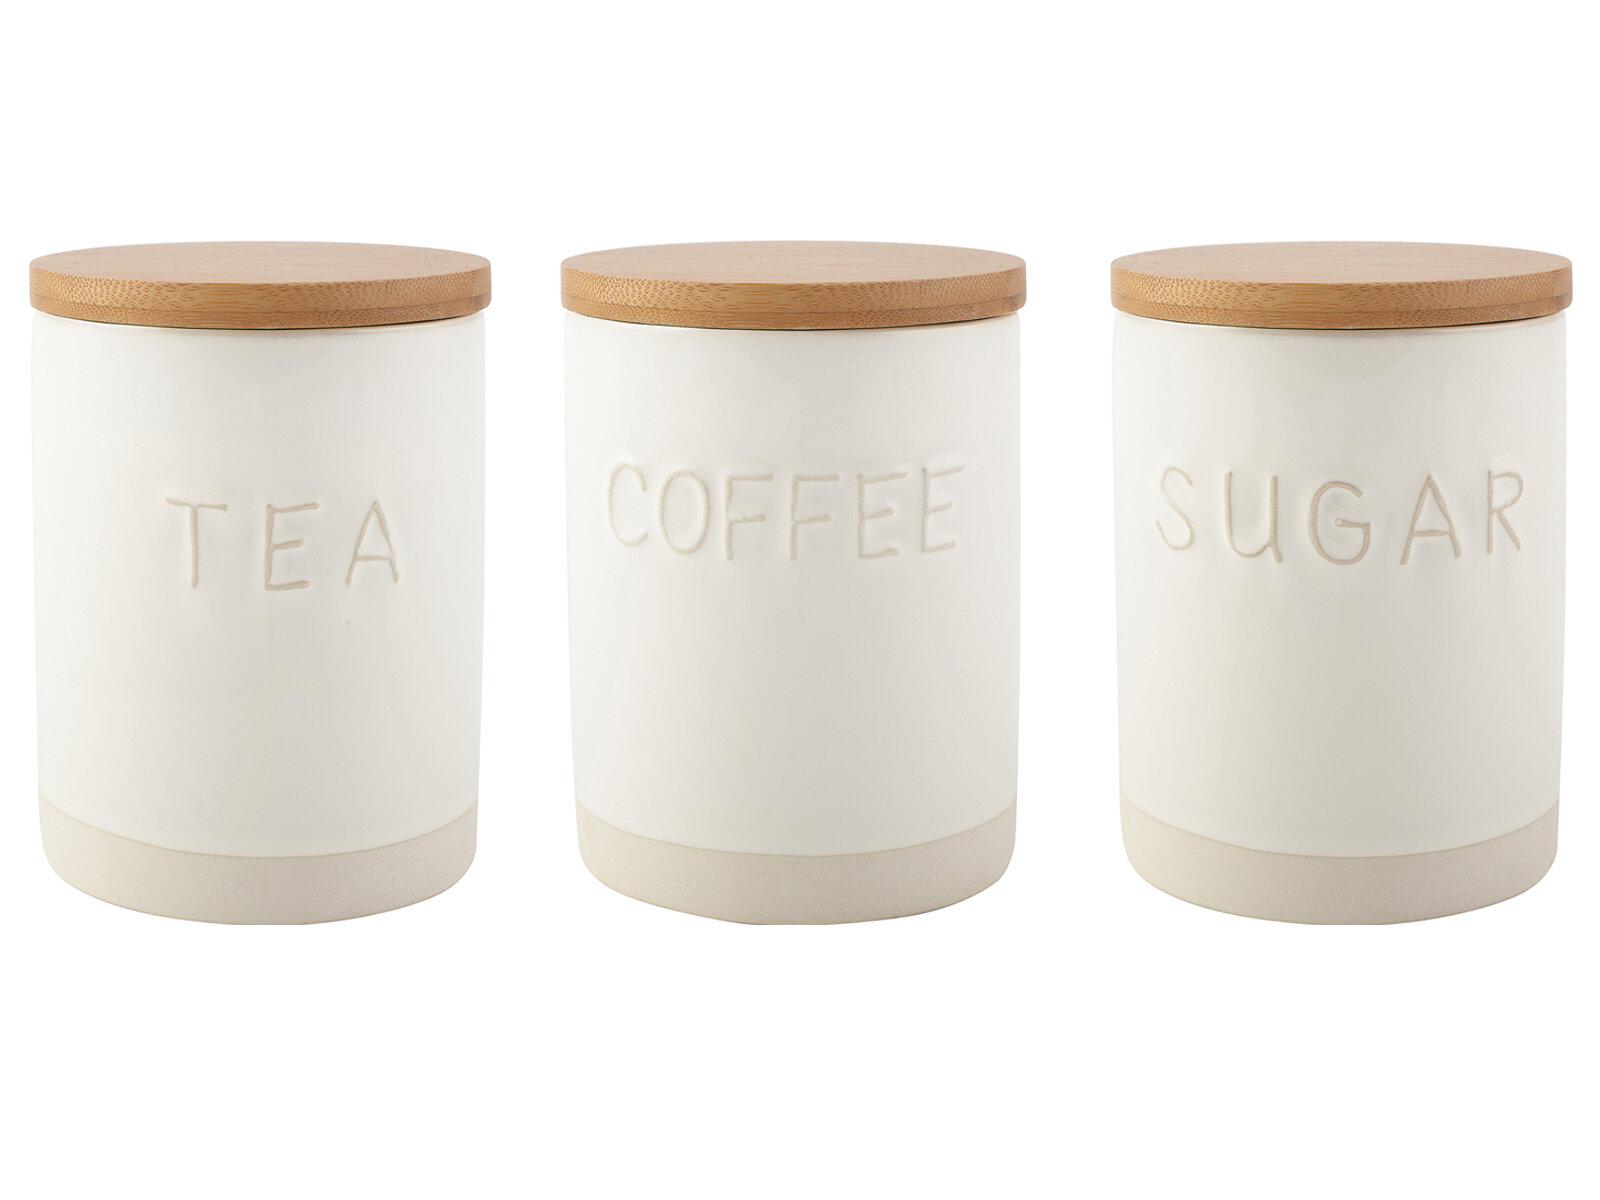 Attractive La Cafetière Origins Coffee, Tea & Sugar Jar & Reviews | Wayfair.co.uk IC94